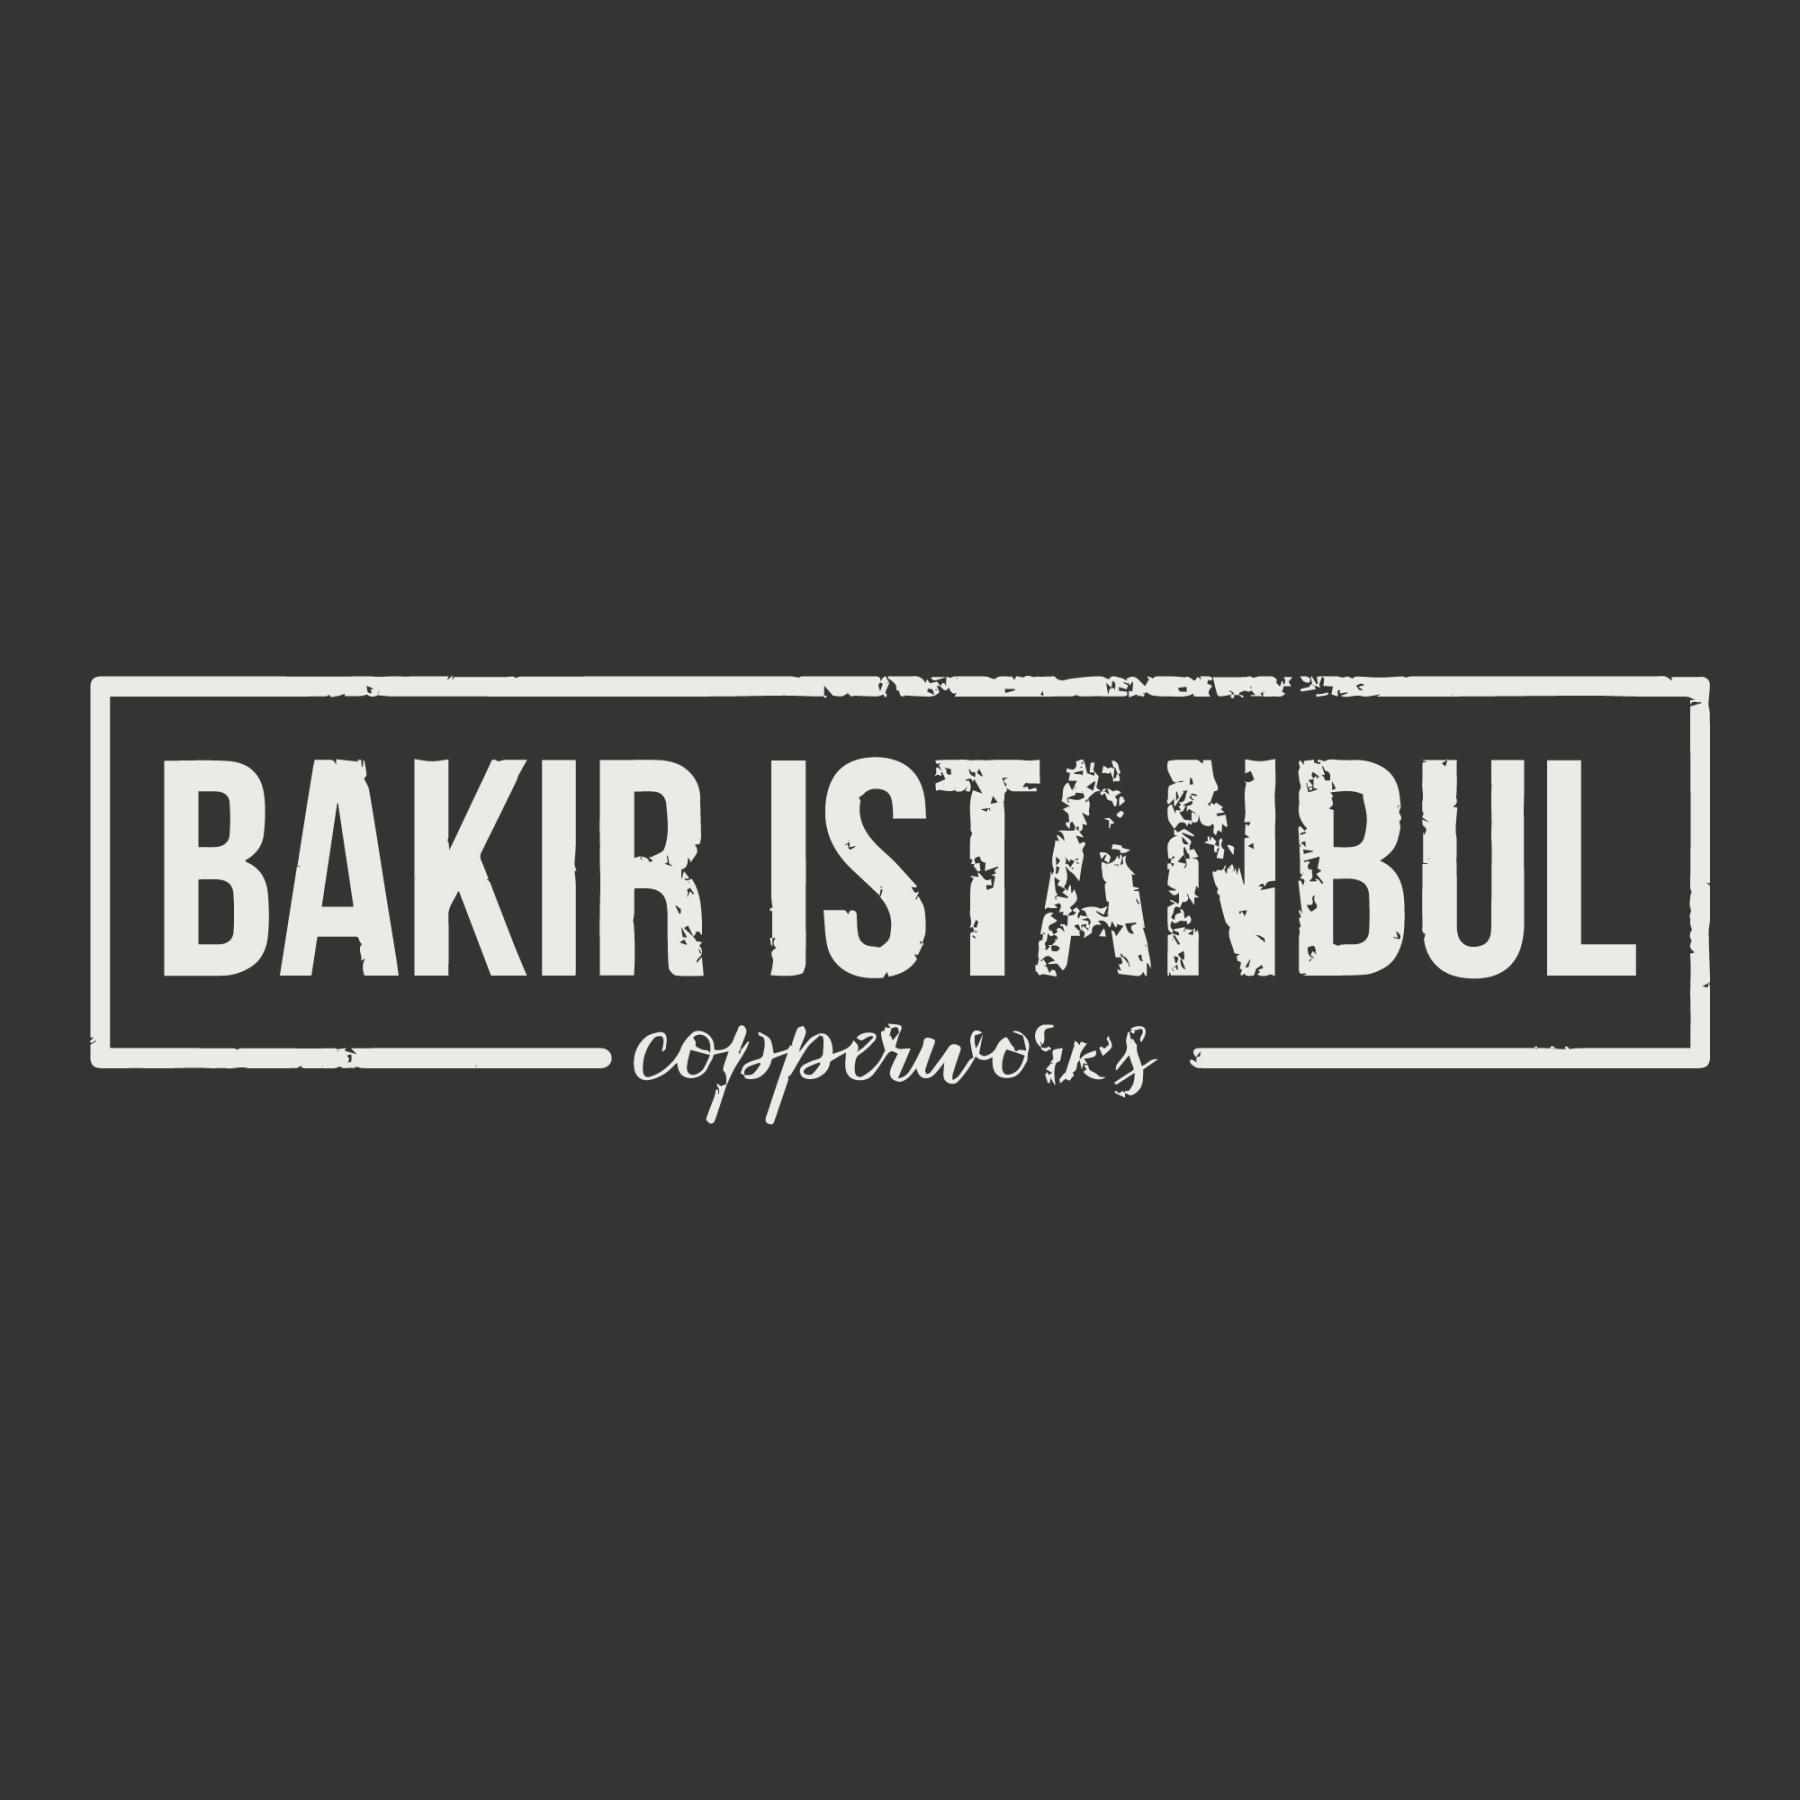 jason-b-graham-bakir-istanbul-achrive-343434